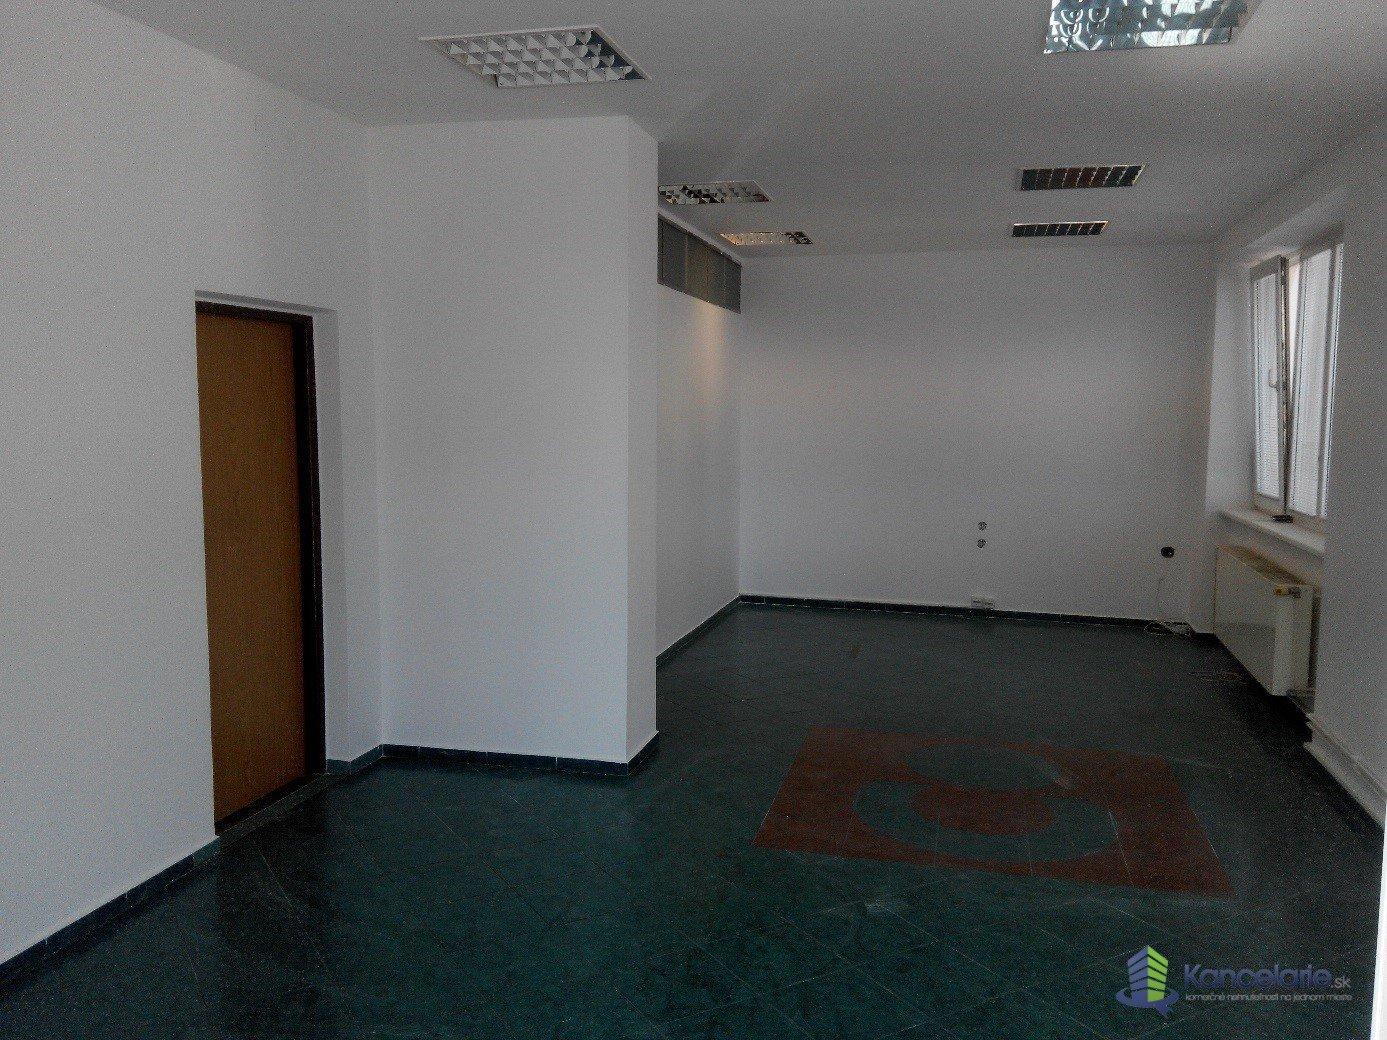 Administratívna a obchodná budova, Administratívny a obchodný priestor, Čsl. armády 46, Topoľčany